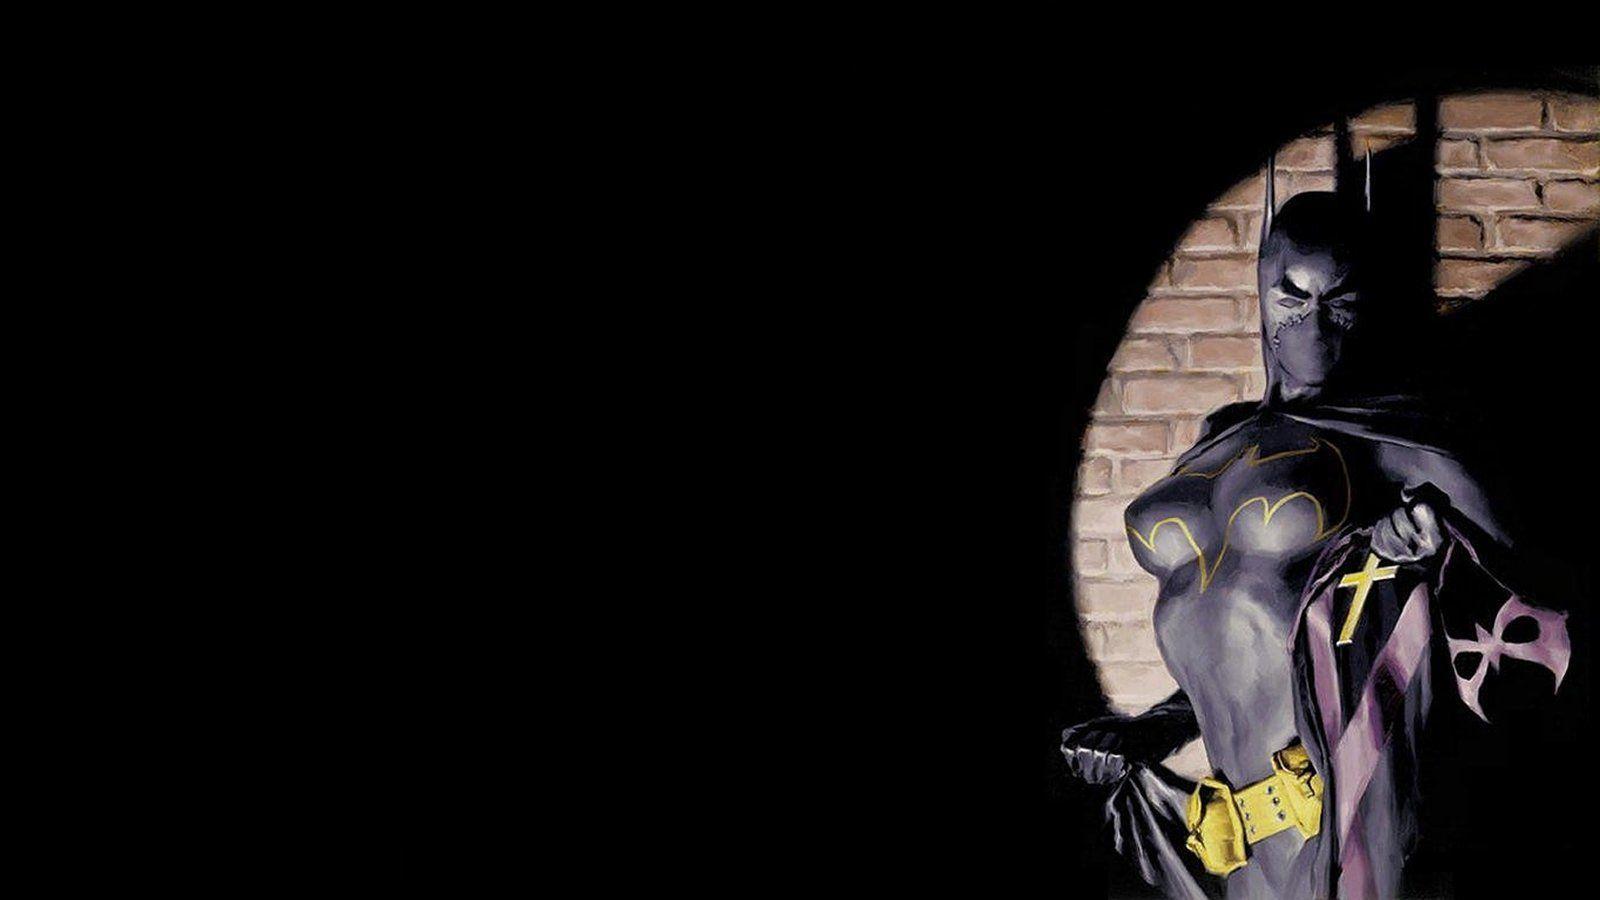 batgirl from dc comics wallpaper - photo #5